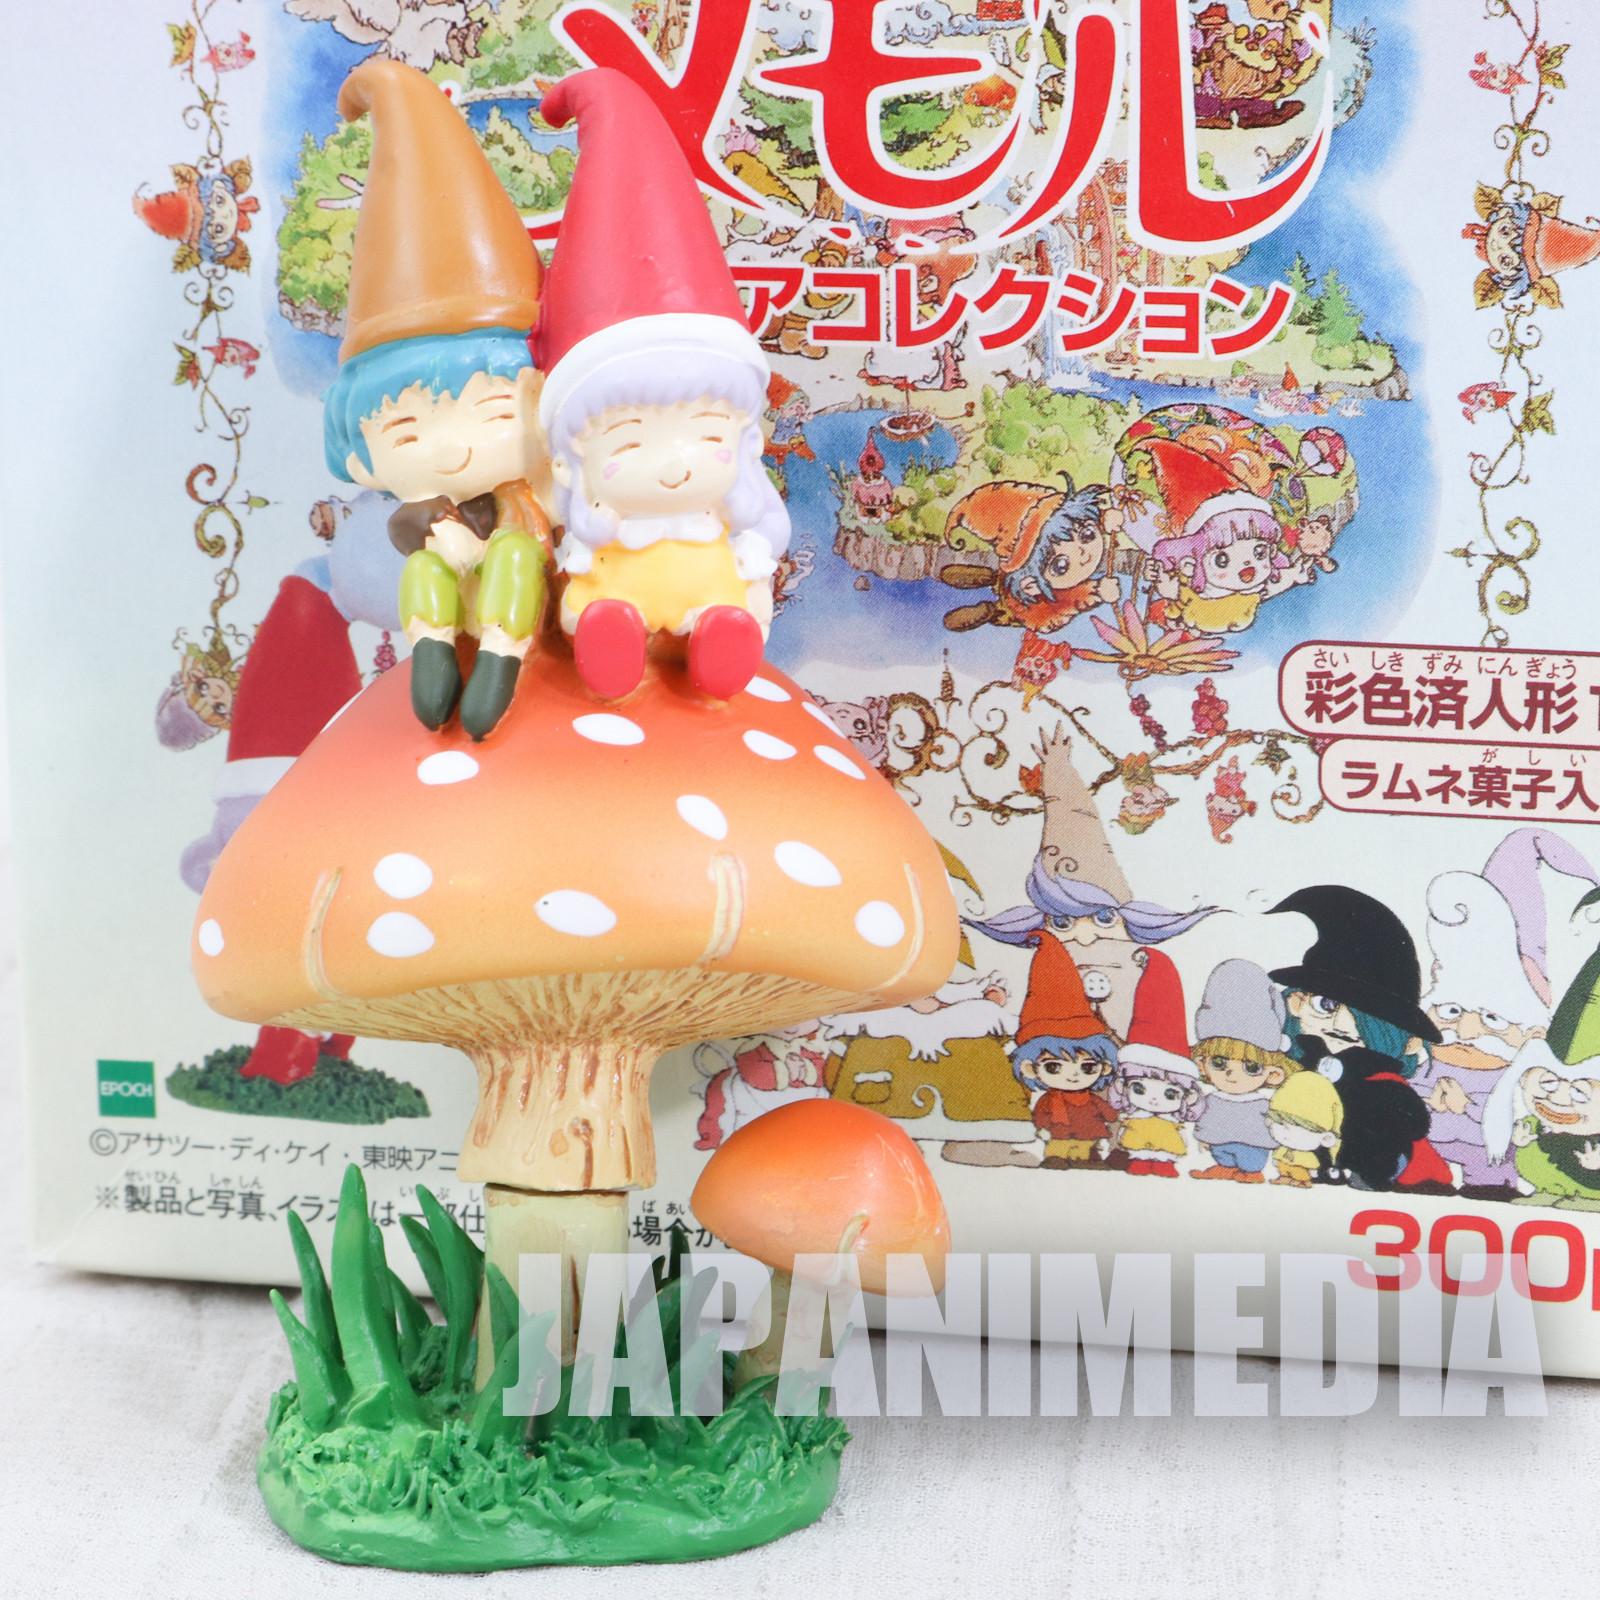 RARE! Memole Dolce Memole Mini Figure Memole with Popit ver. Epoch JAPAN